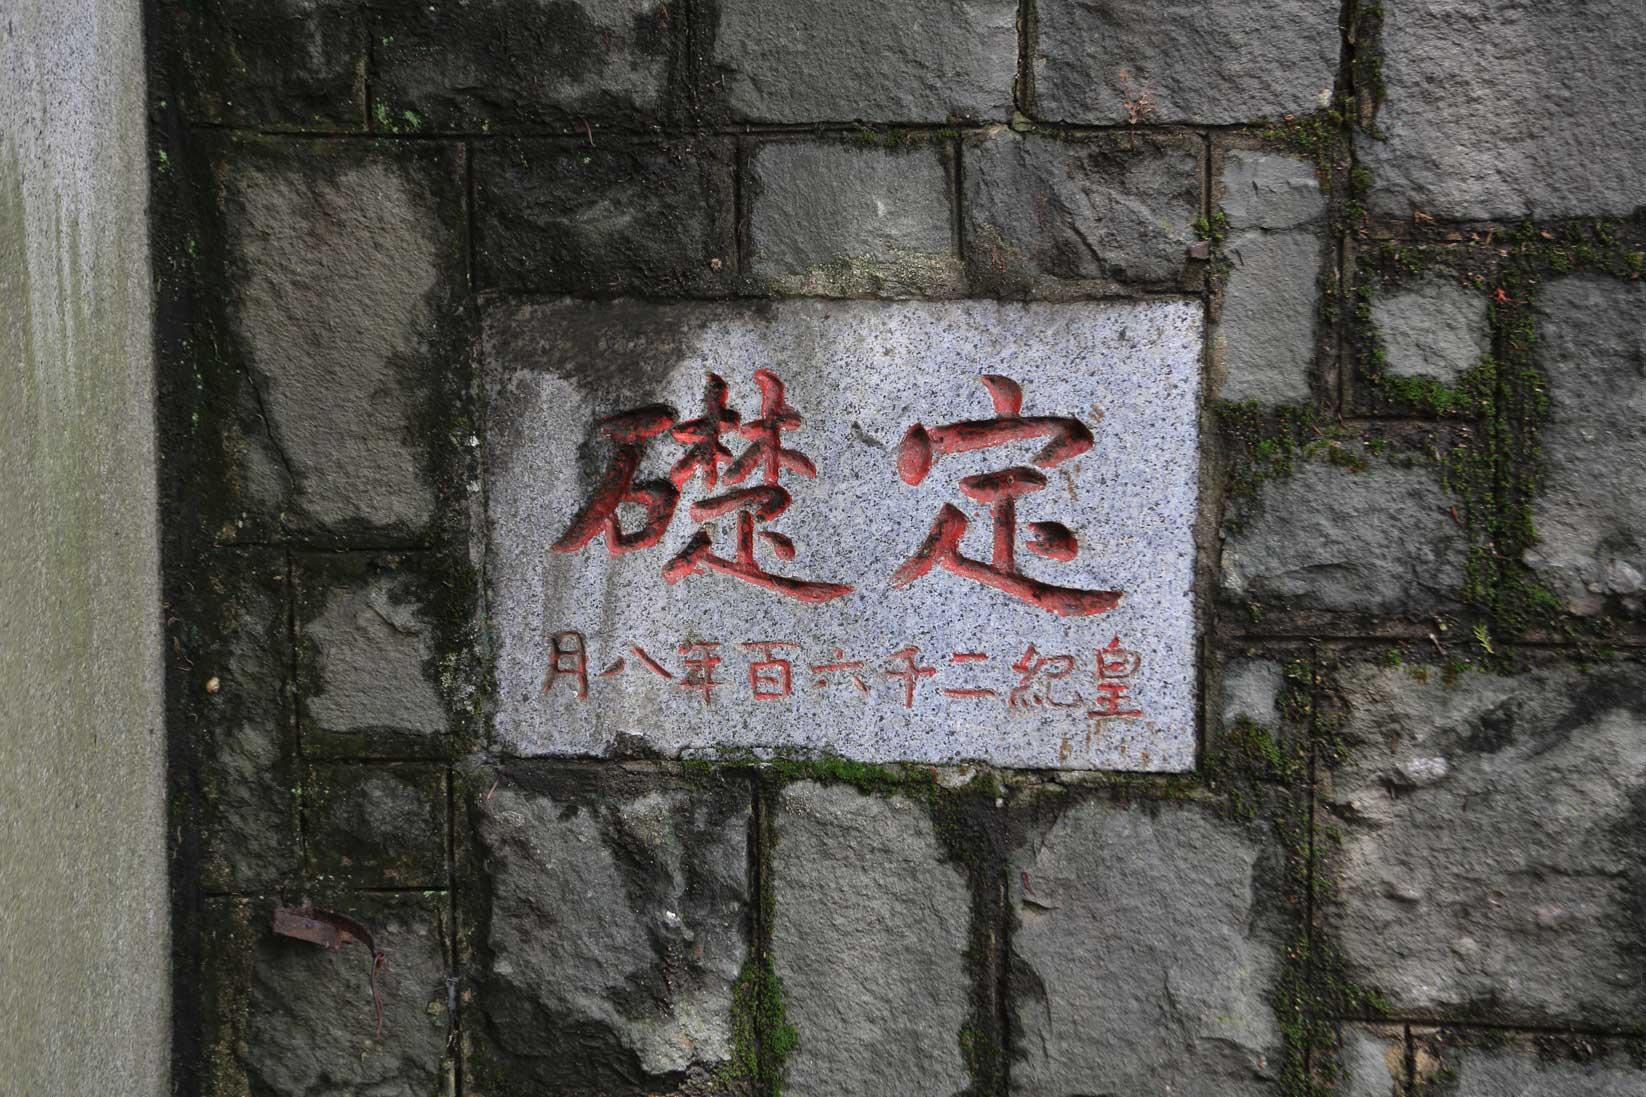 廃墟として今も残るラストエンペラーの離宮(遼寧省丹東市・溥儀東行宮)_b0235153_11513054.jpg